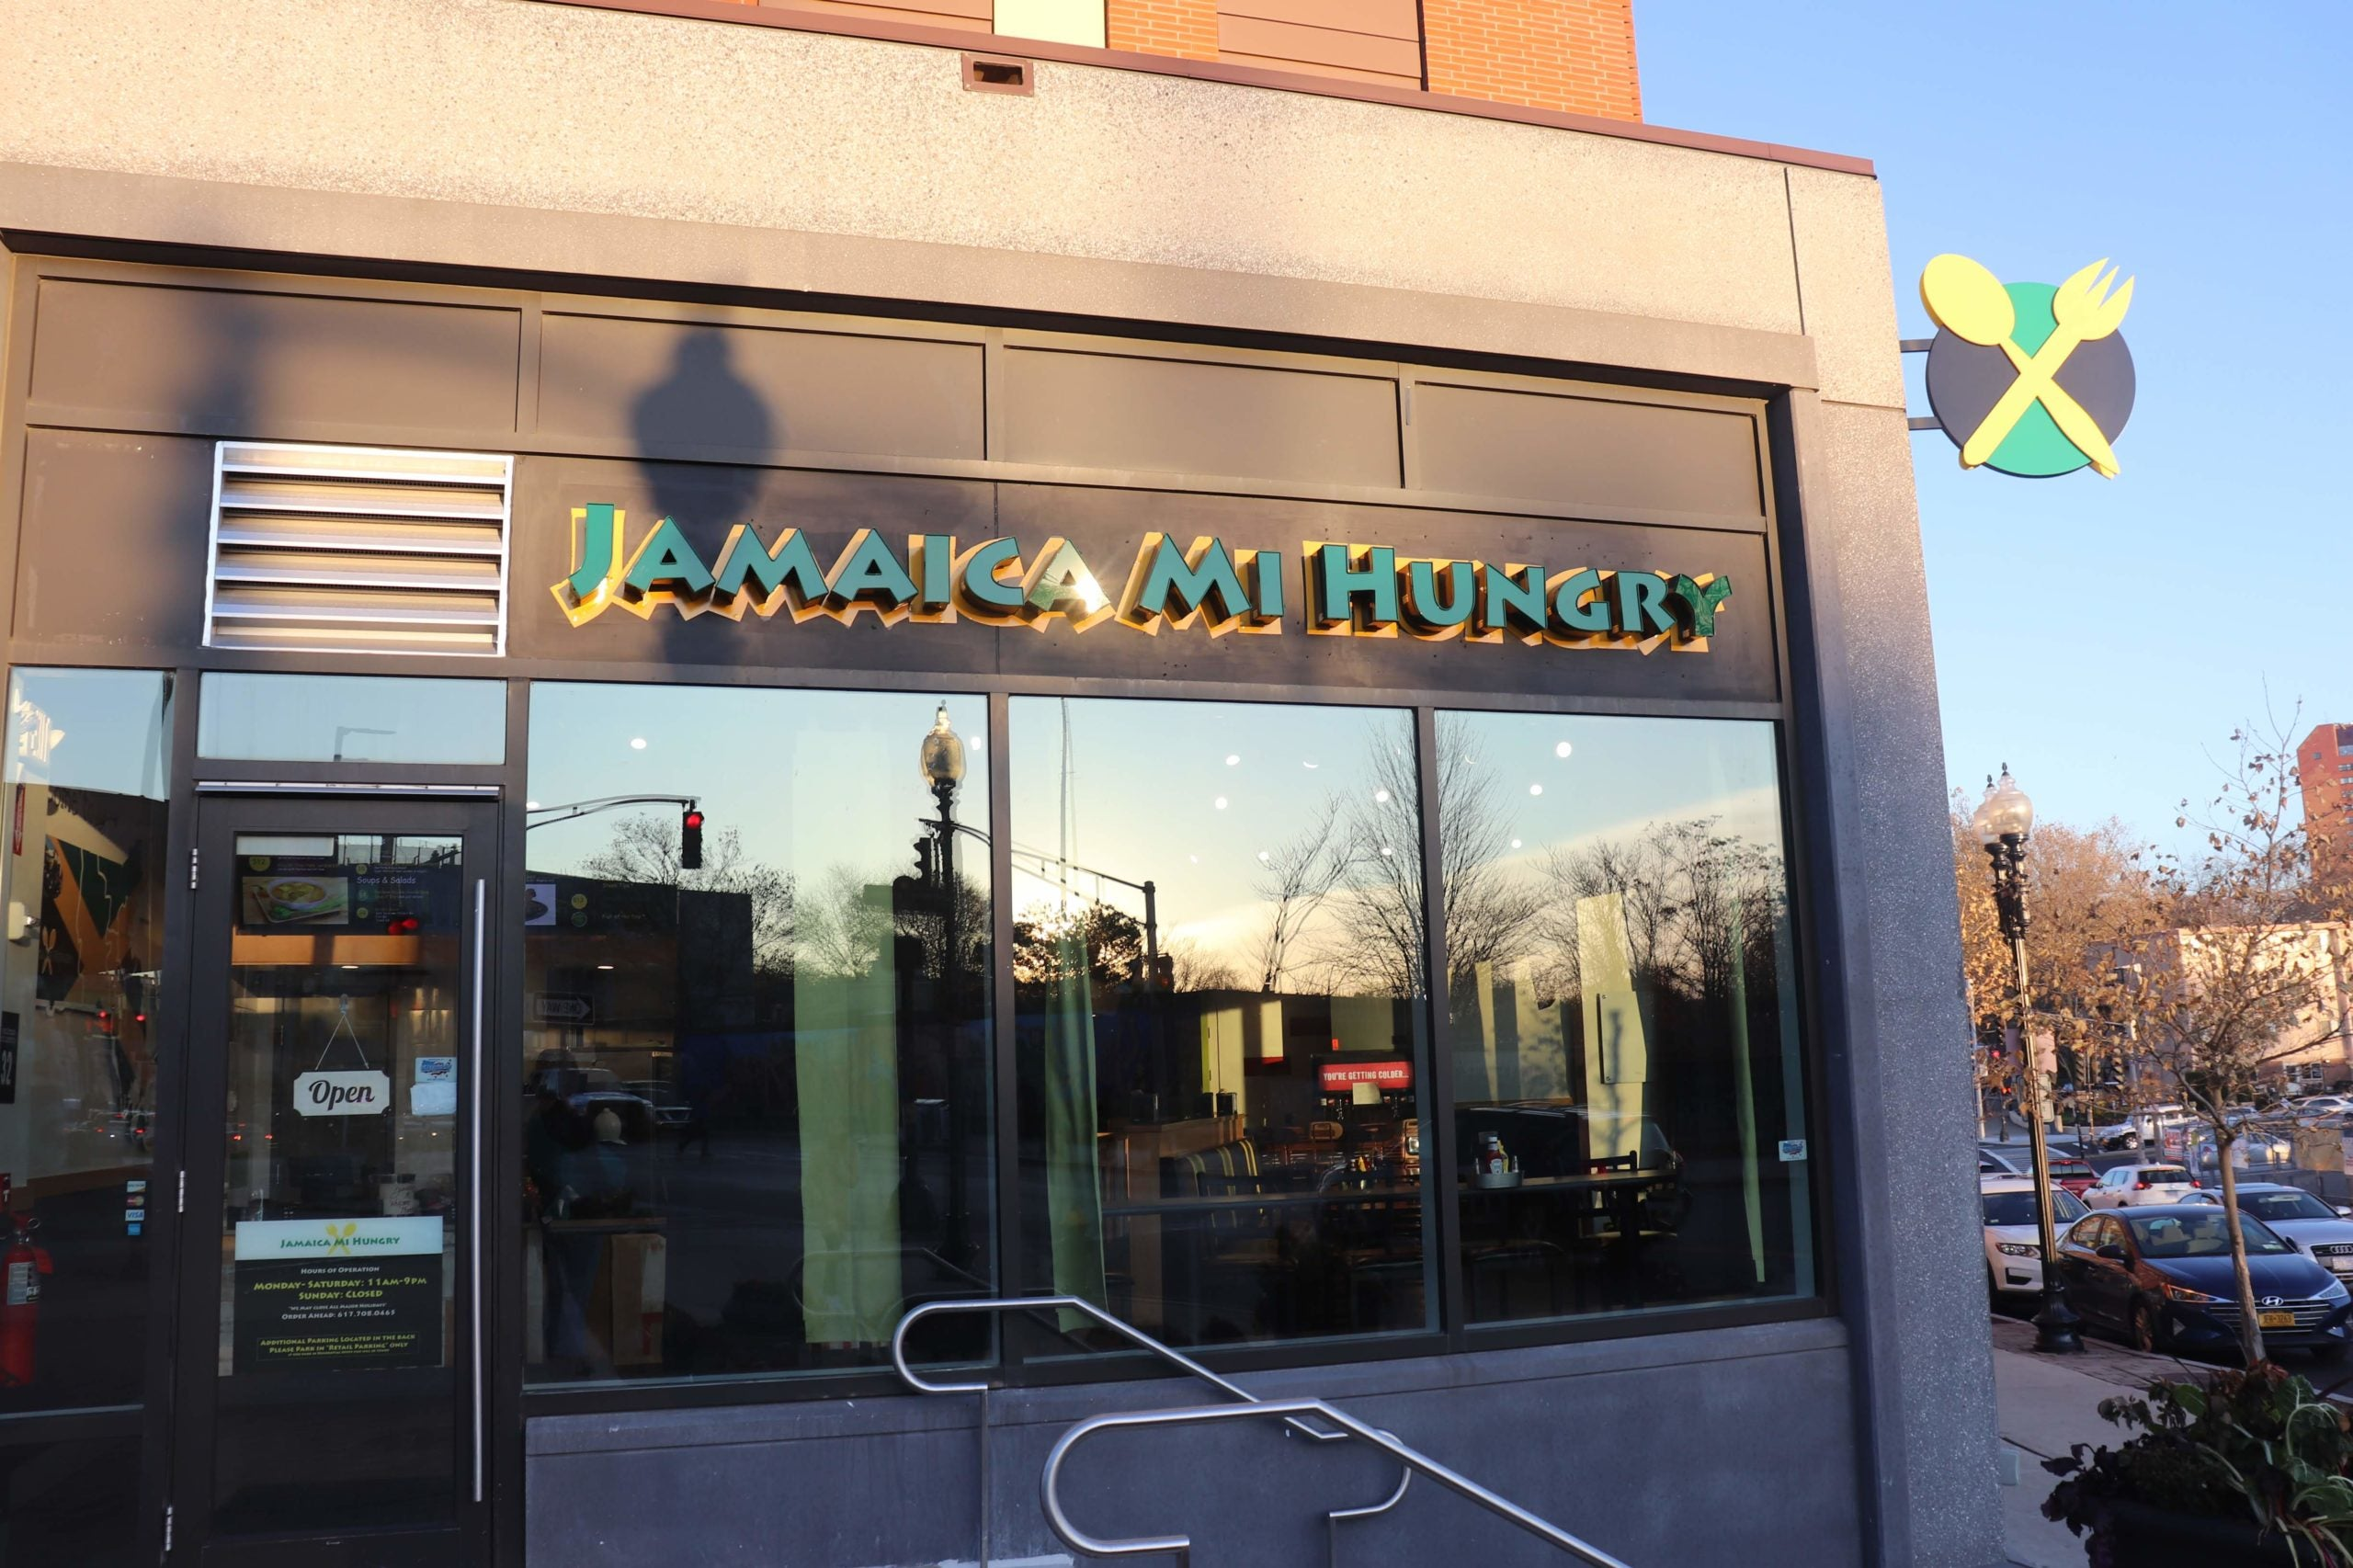 Jamaica Mi Hungry exterior